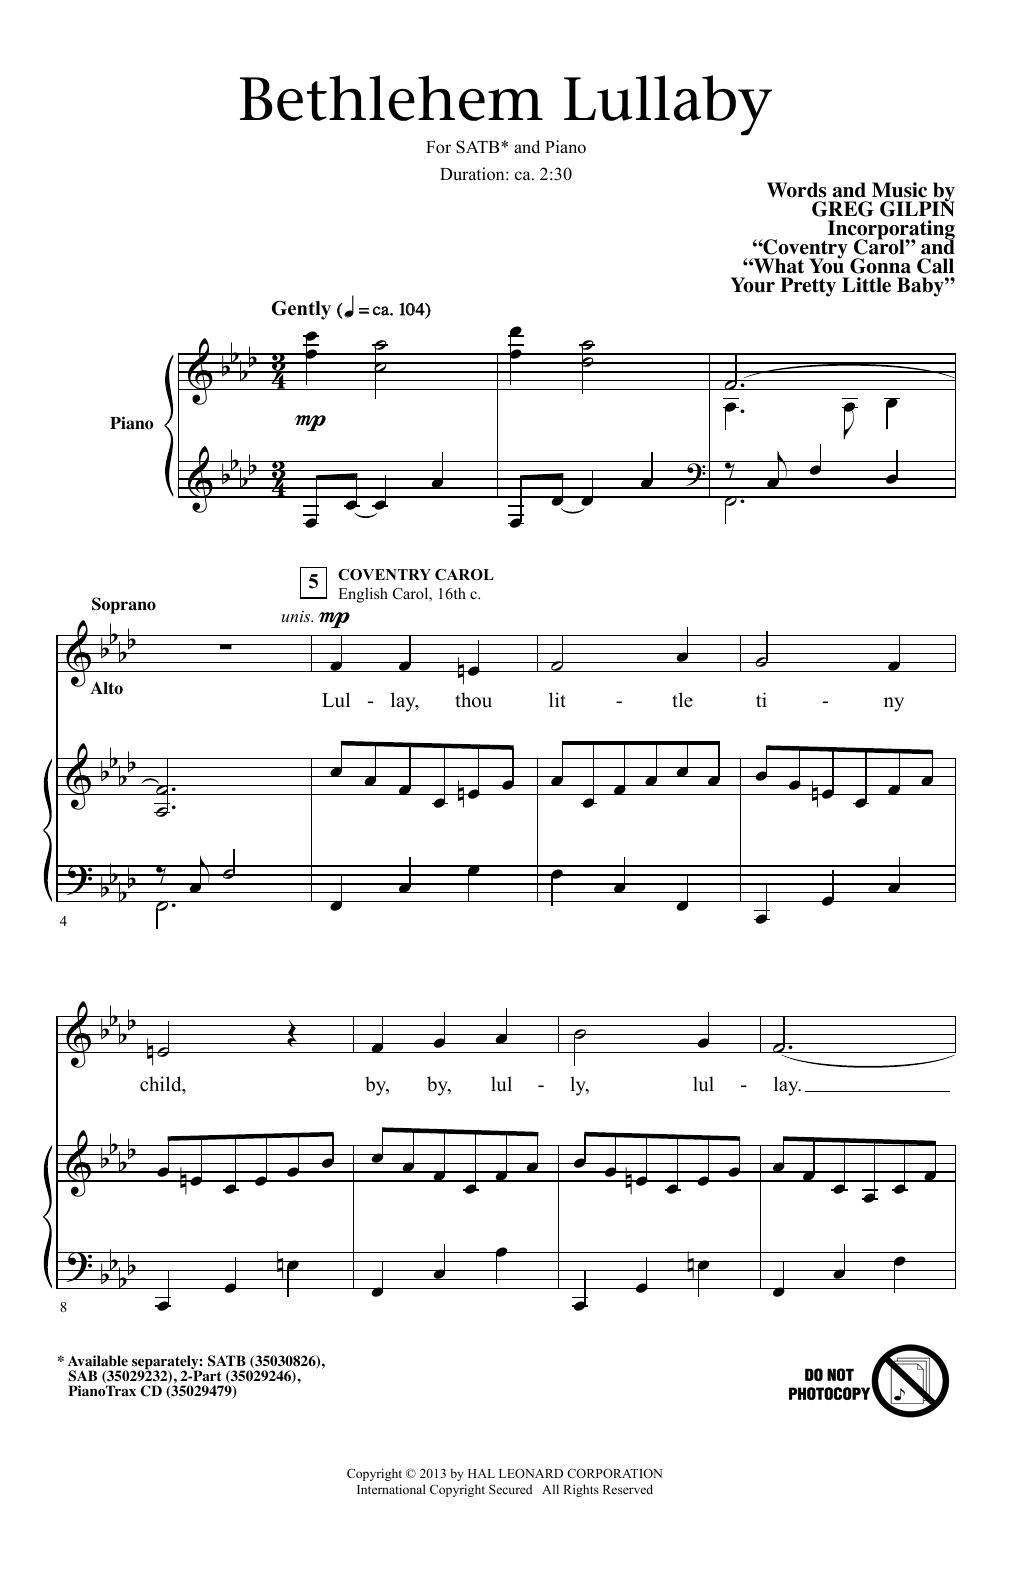 Bethlehem Lullaby (SATB Choir)